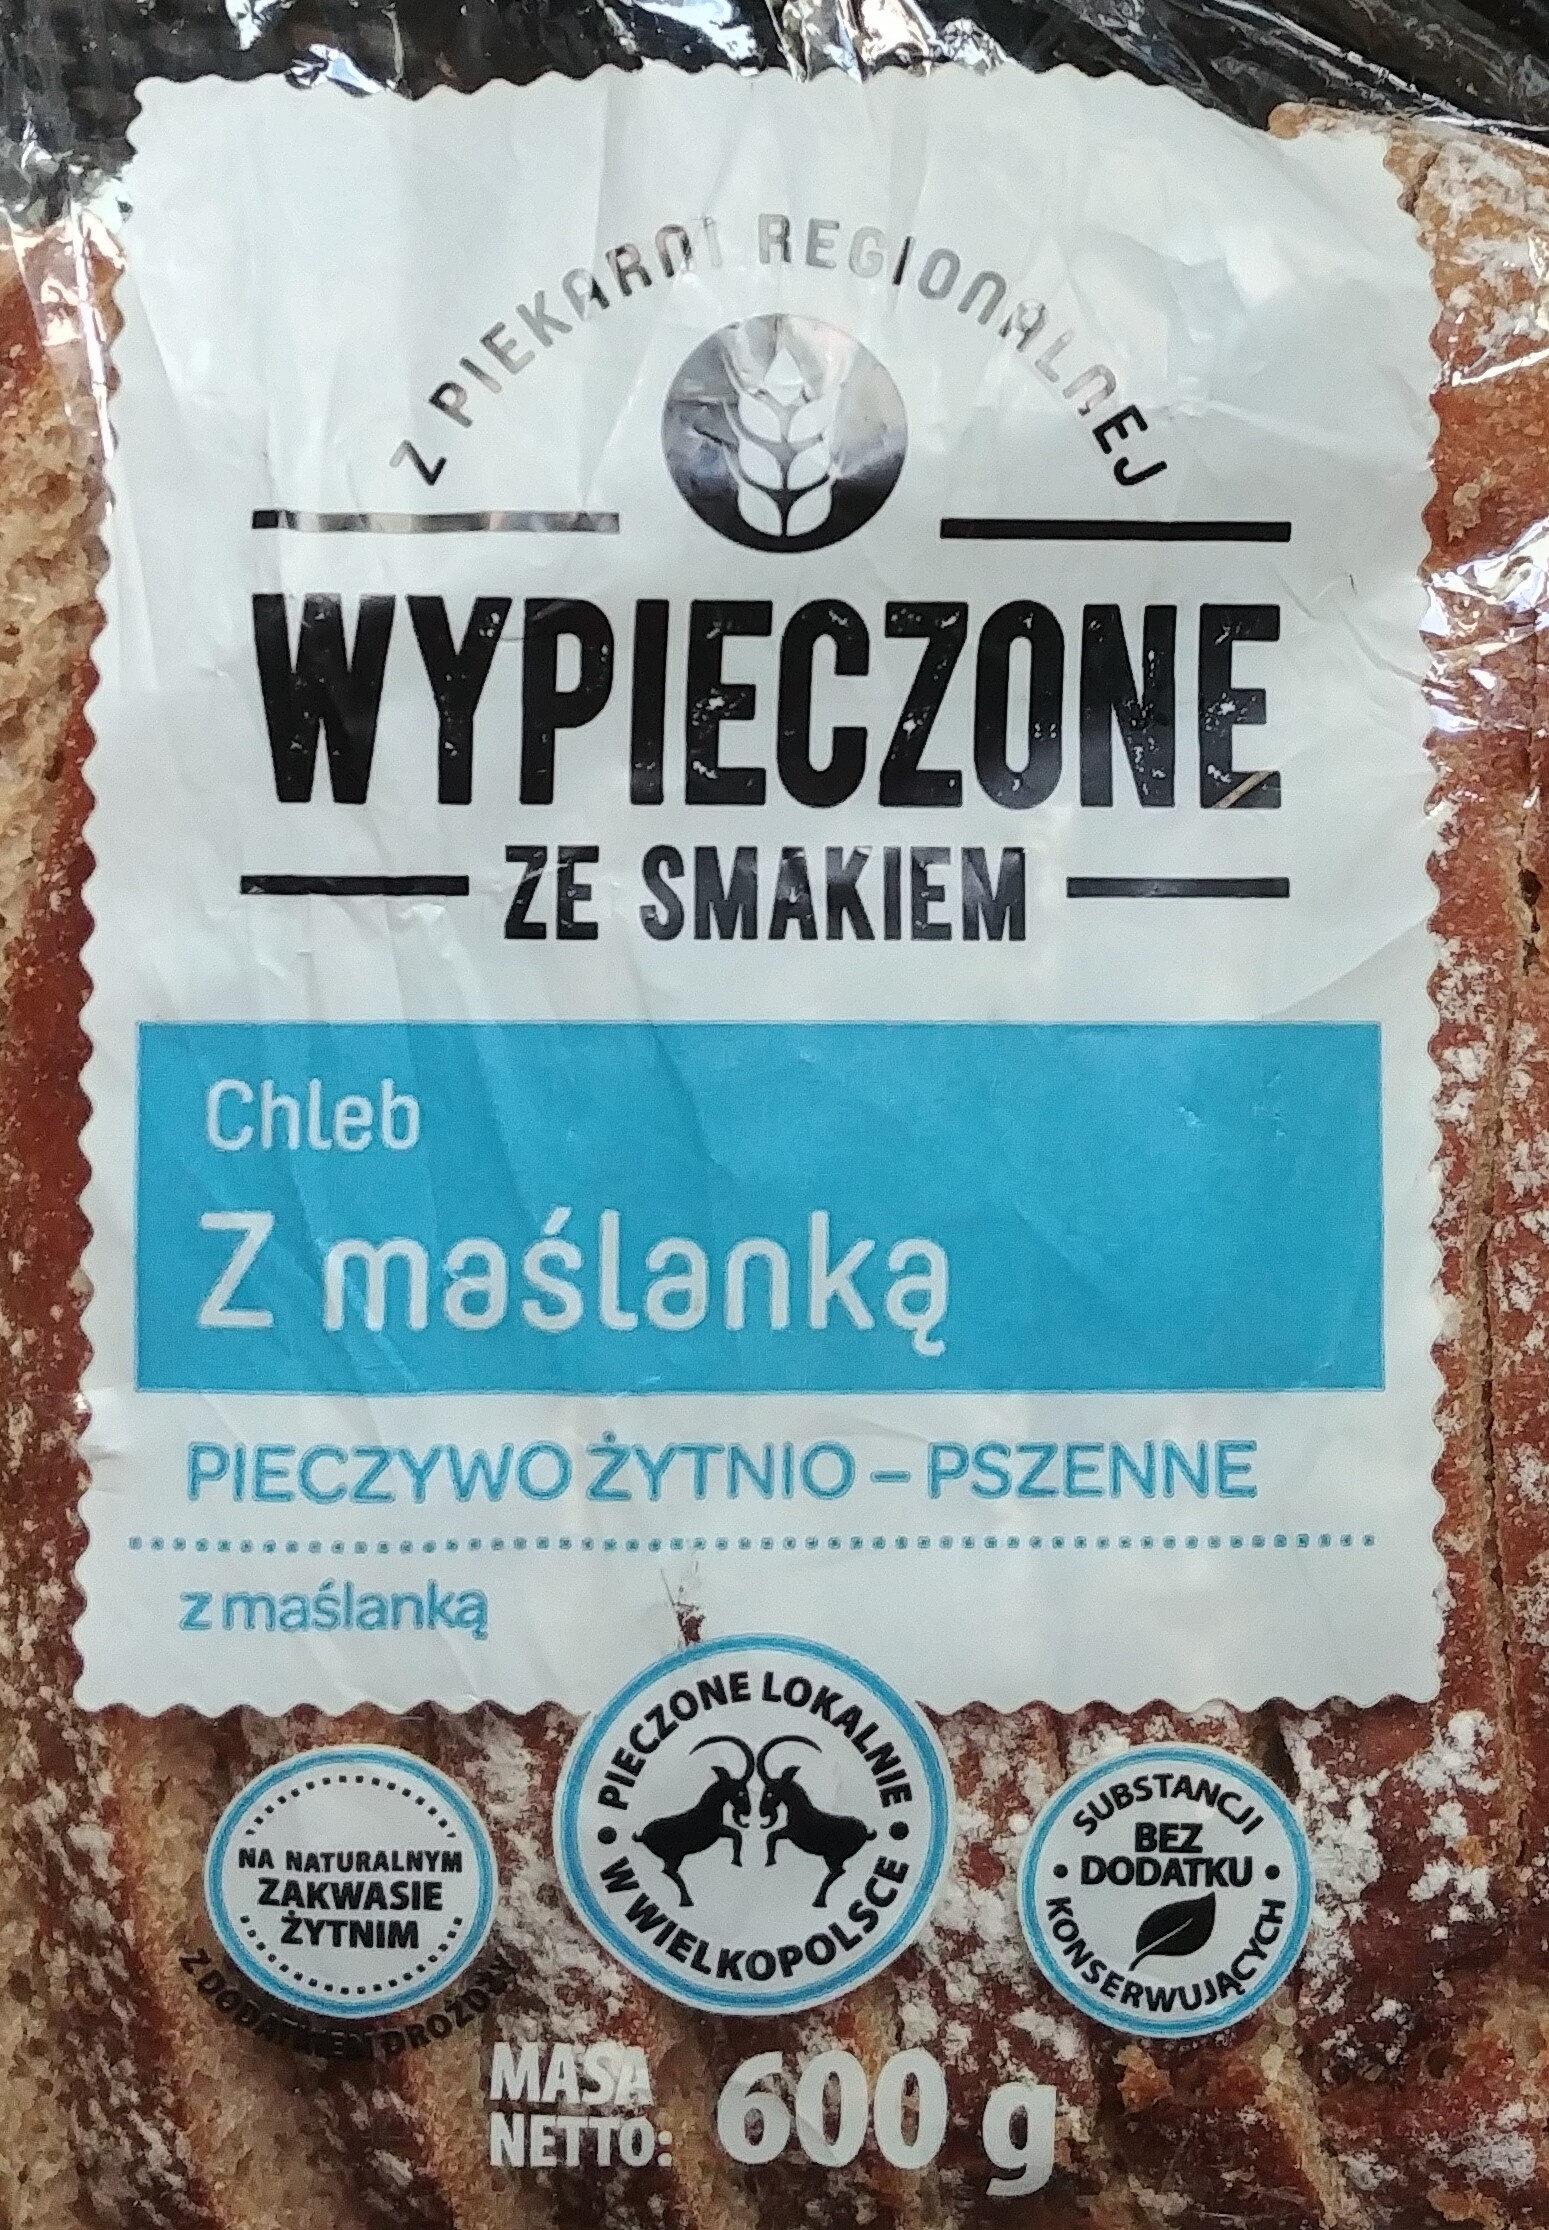 Pieczywo żytnio-pszenne z maślanką - Product - pl